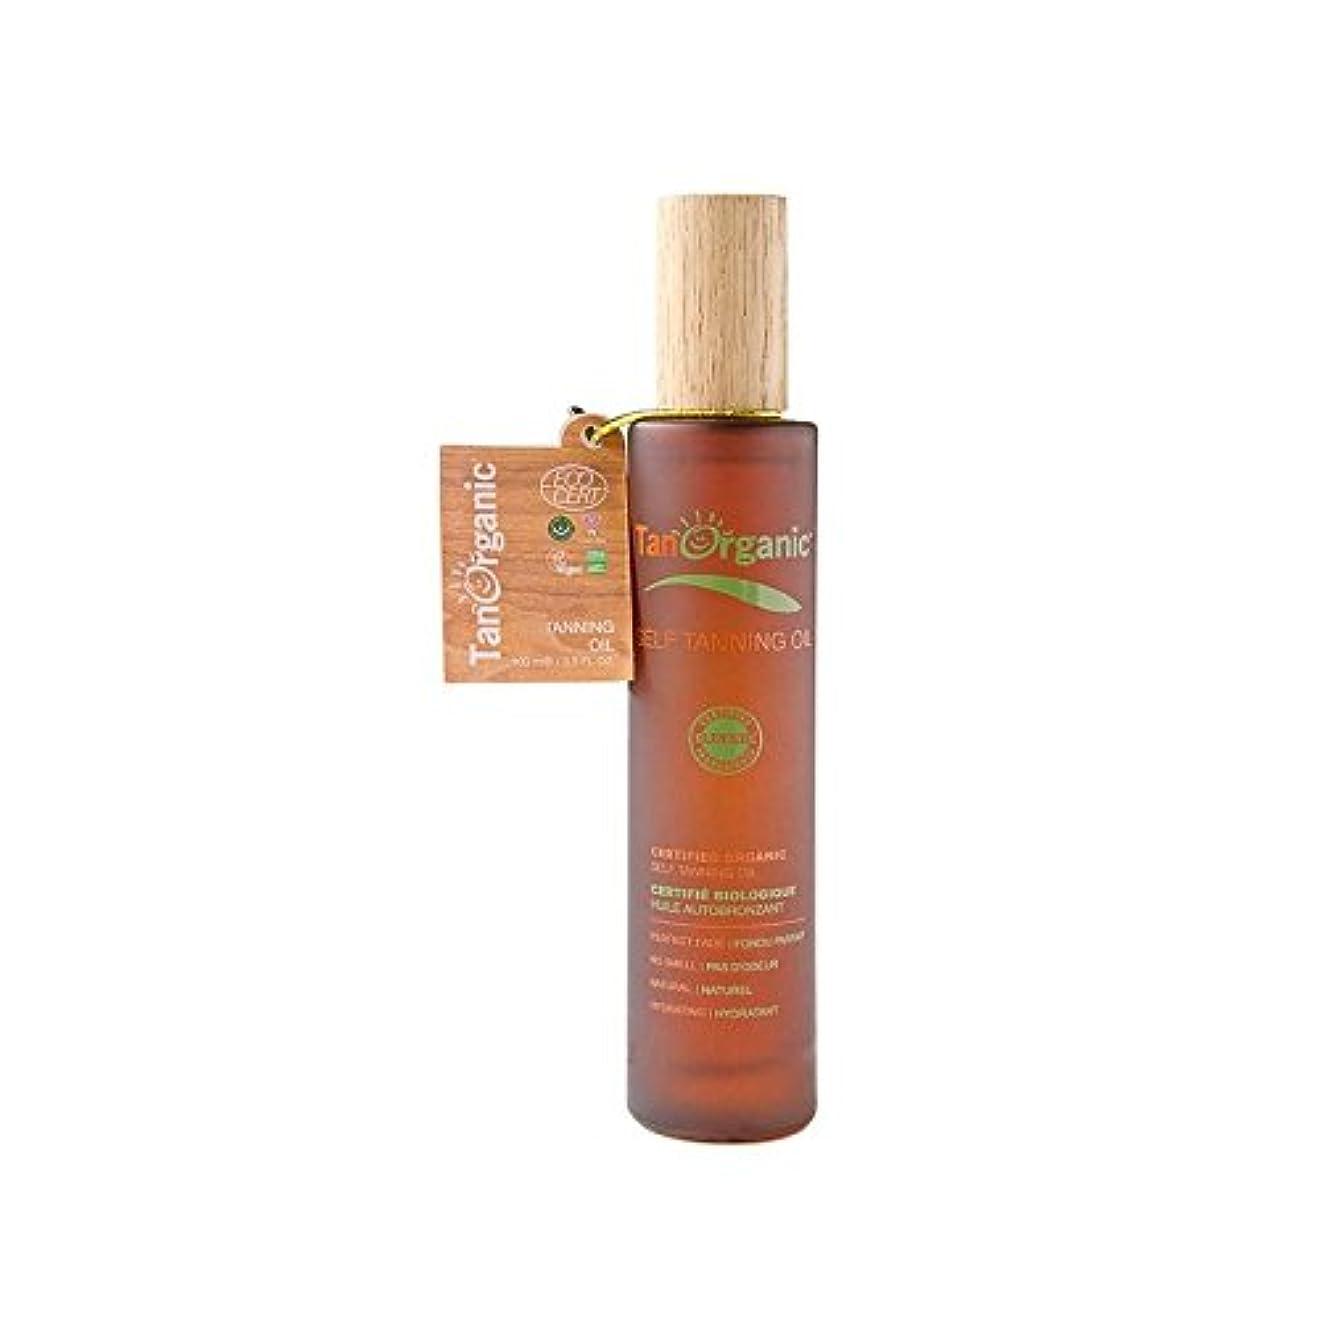 パイ新聞憂鬱なTanorganic自己日焼け顔&ボディオイル (Tan Organic) - TanOrganic Self-Tan Face & Body Oil [並行輸入品]